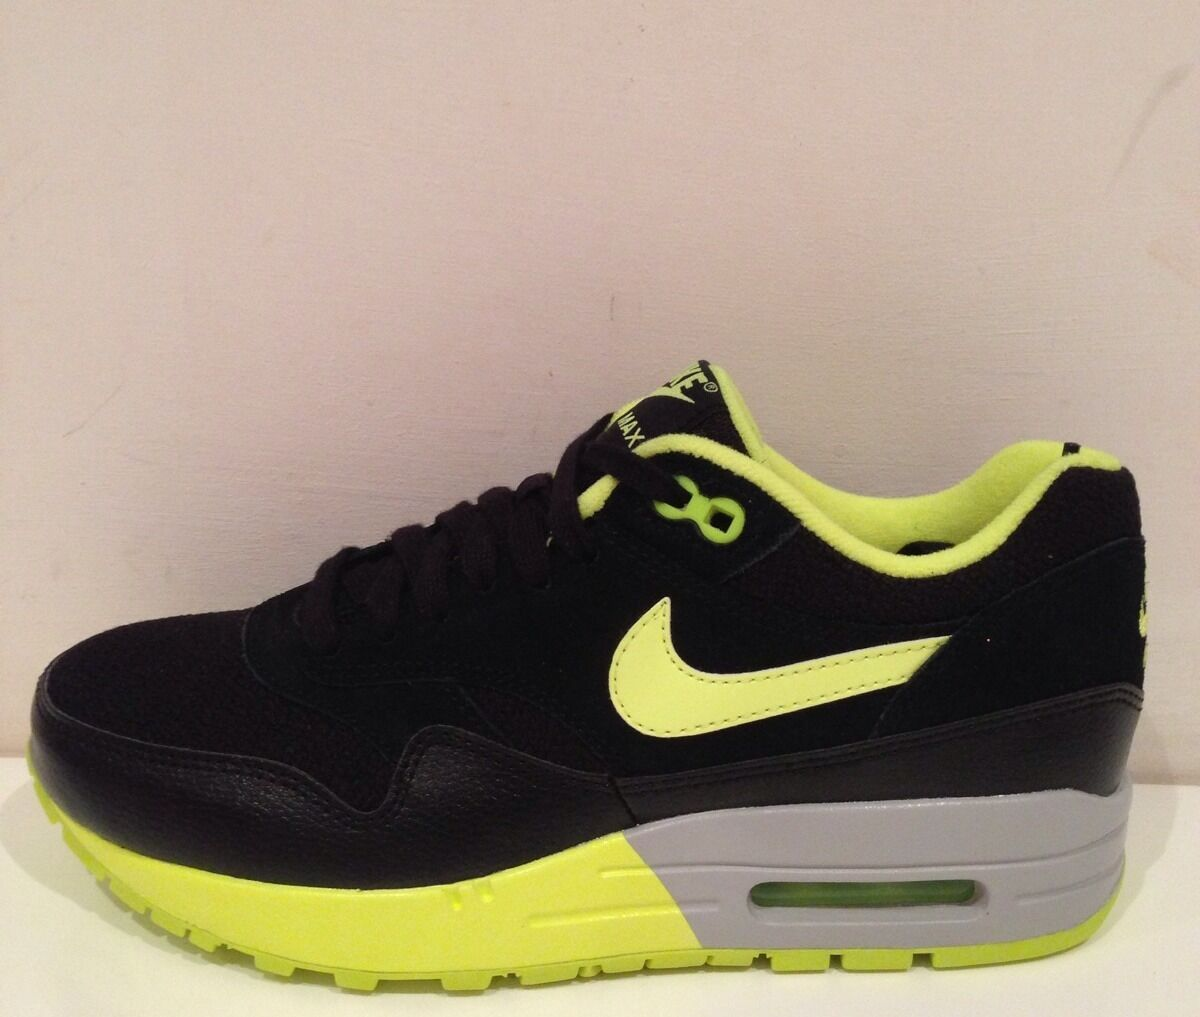 Nike Air Max 1 tamaño 3.5 (Reino Unido) Nuevo Y En Caja